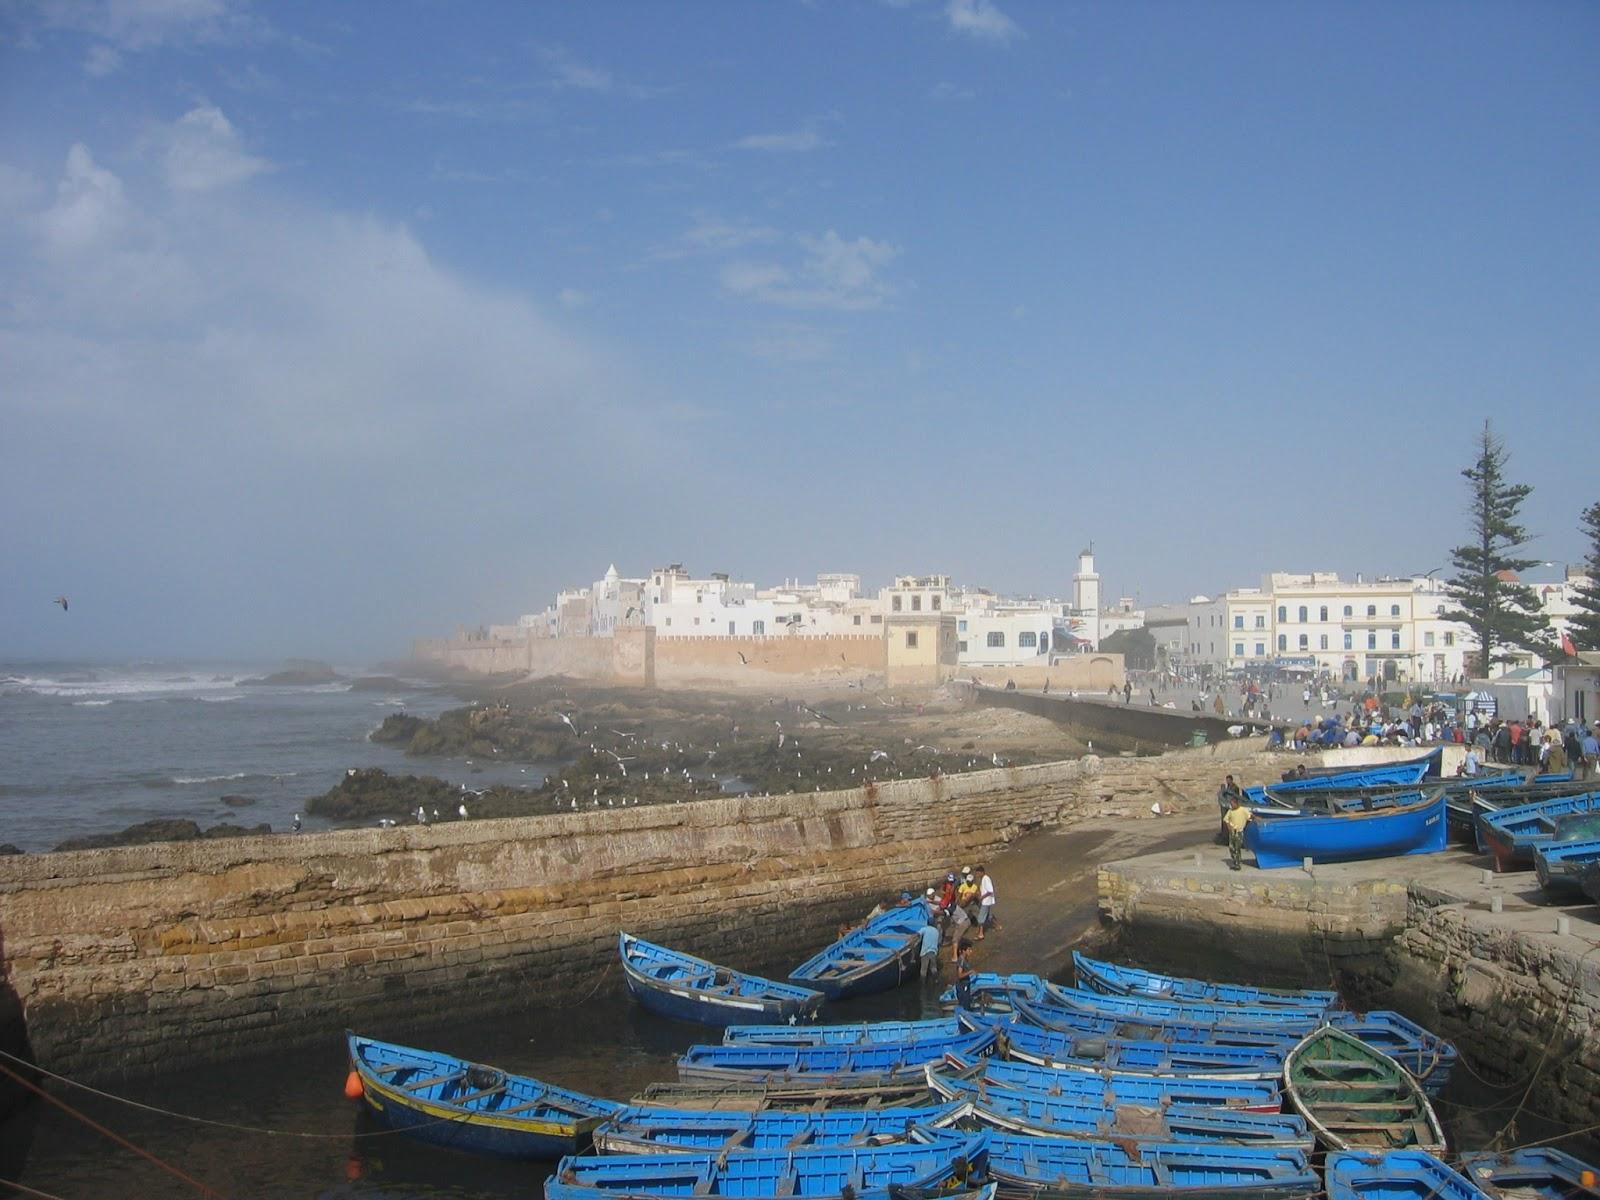 Essaouira Morocco  city images : ... essaouira morocco essaouira morocco essaouira morocco essaouira